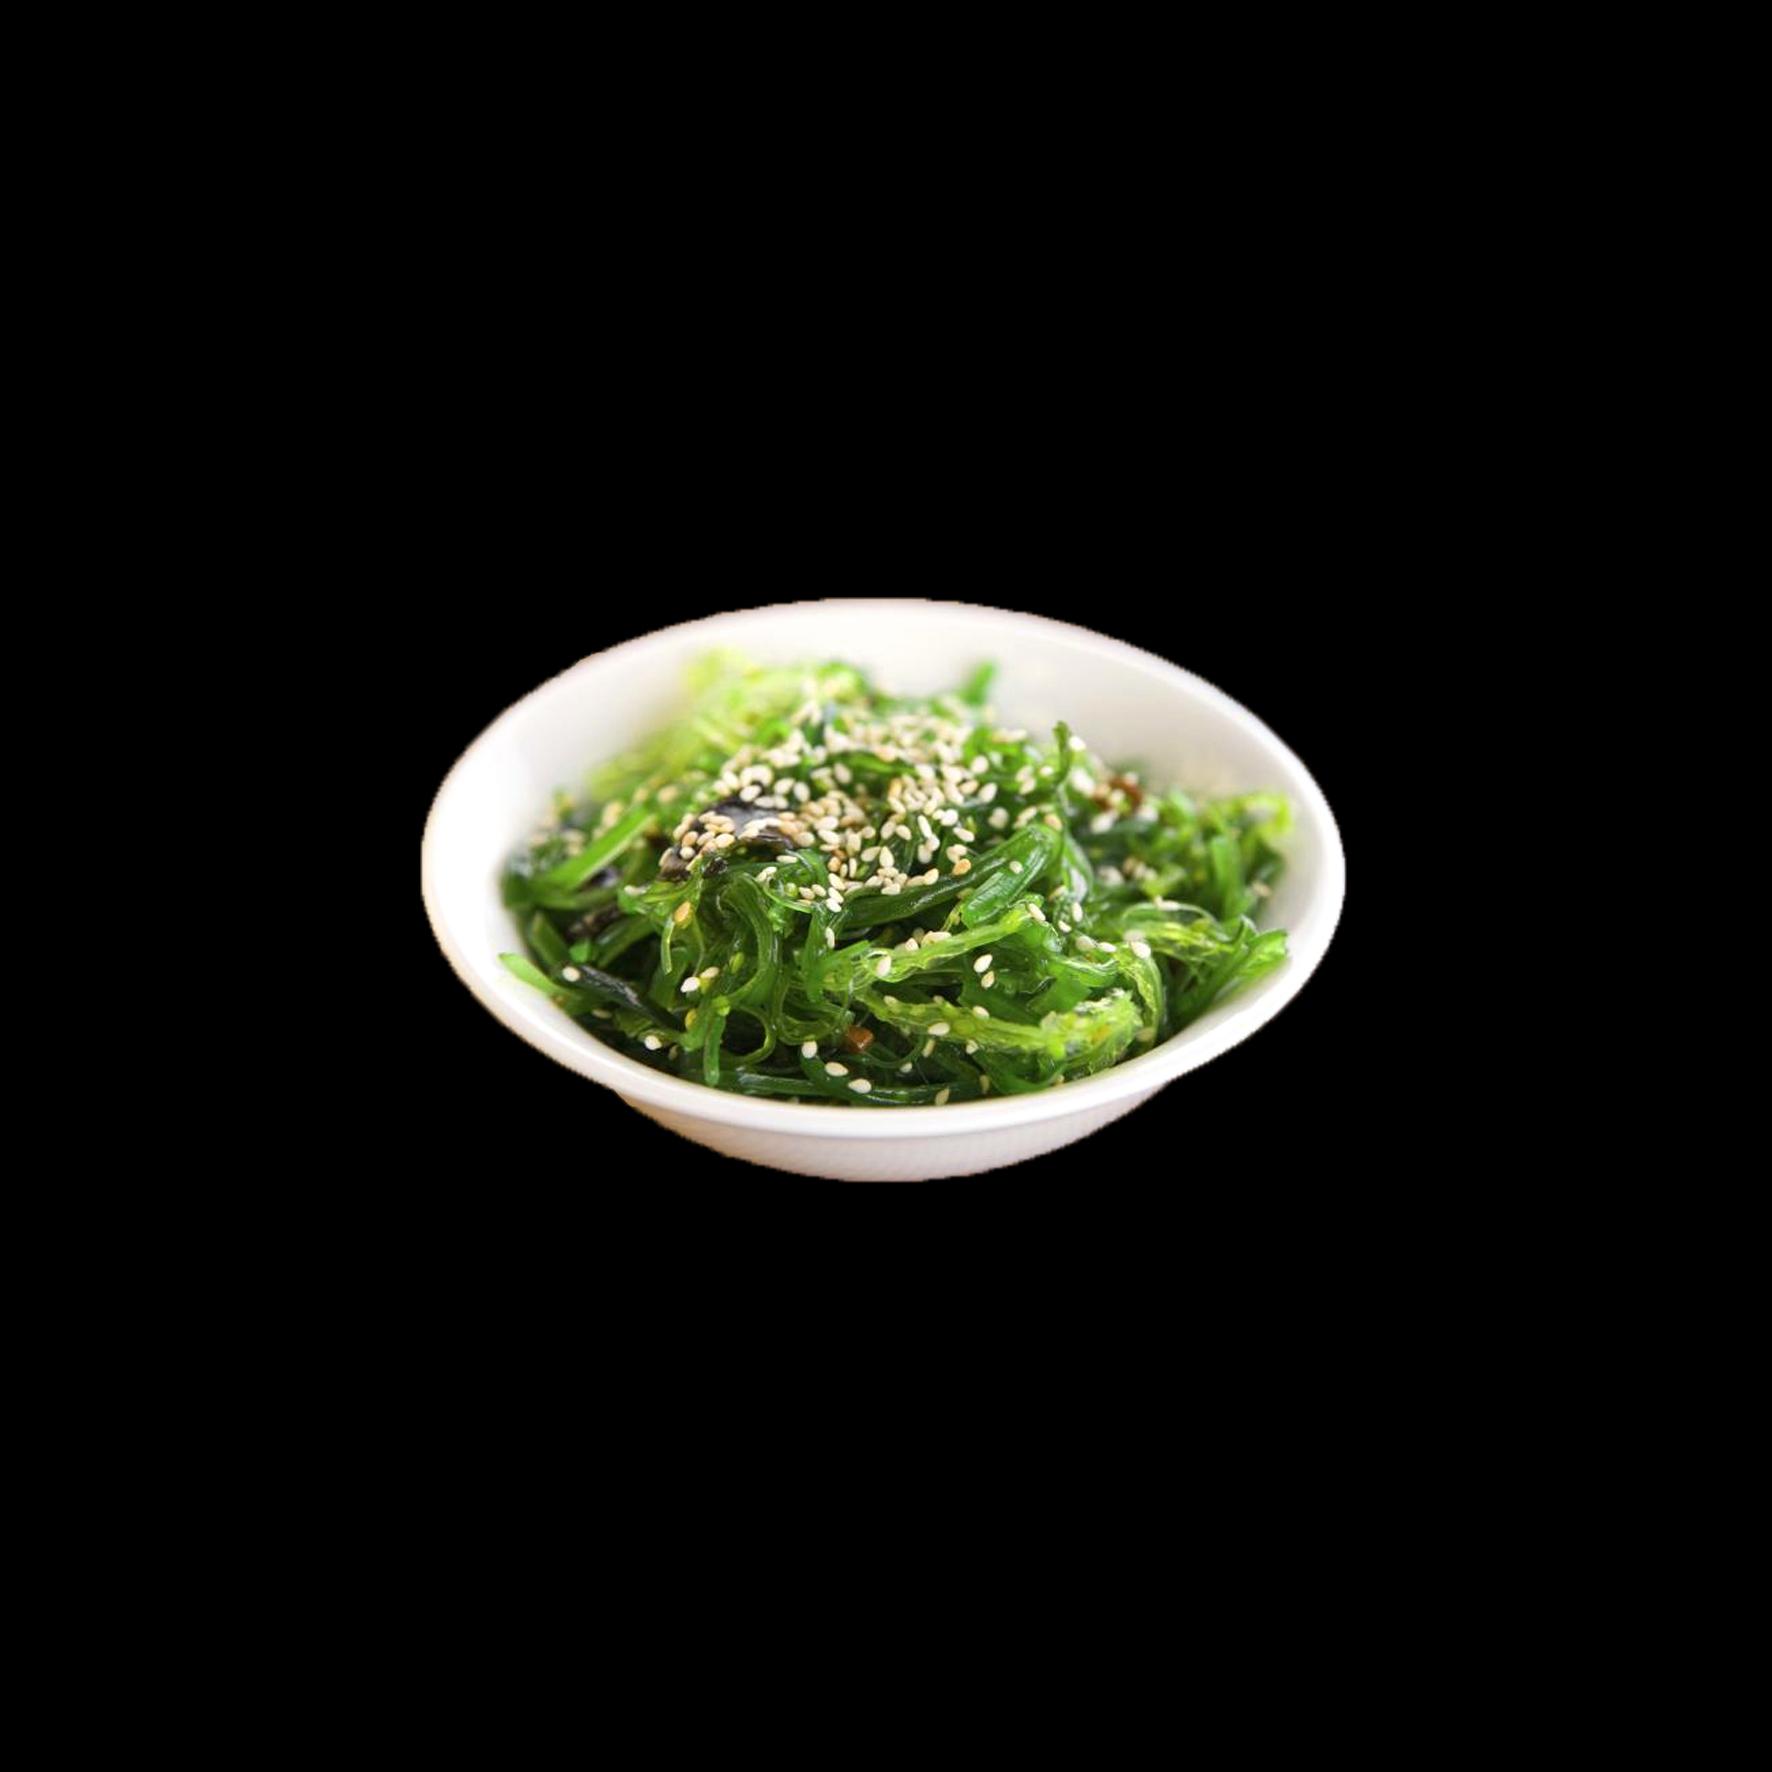 goma wakame ukiyo sushi takeaway a domicilio